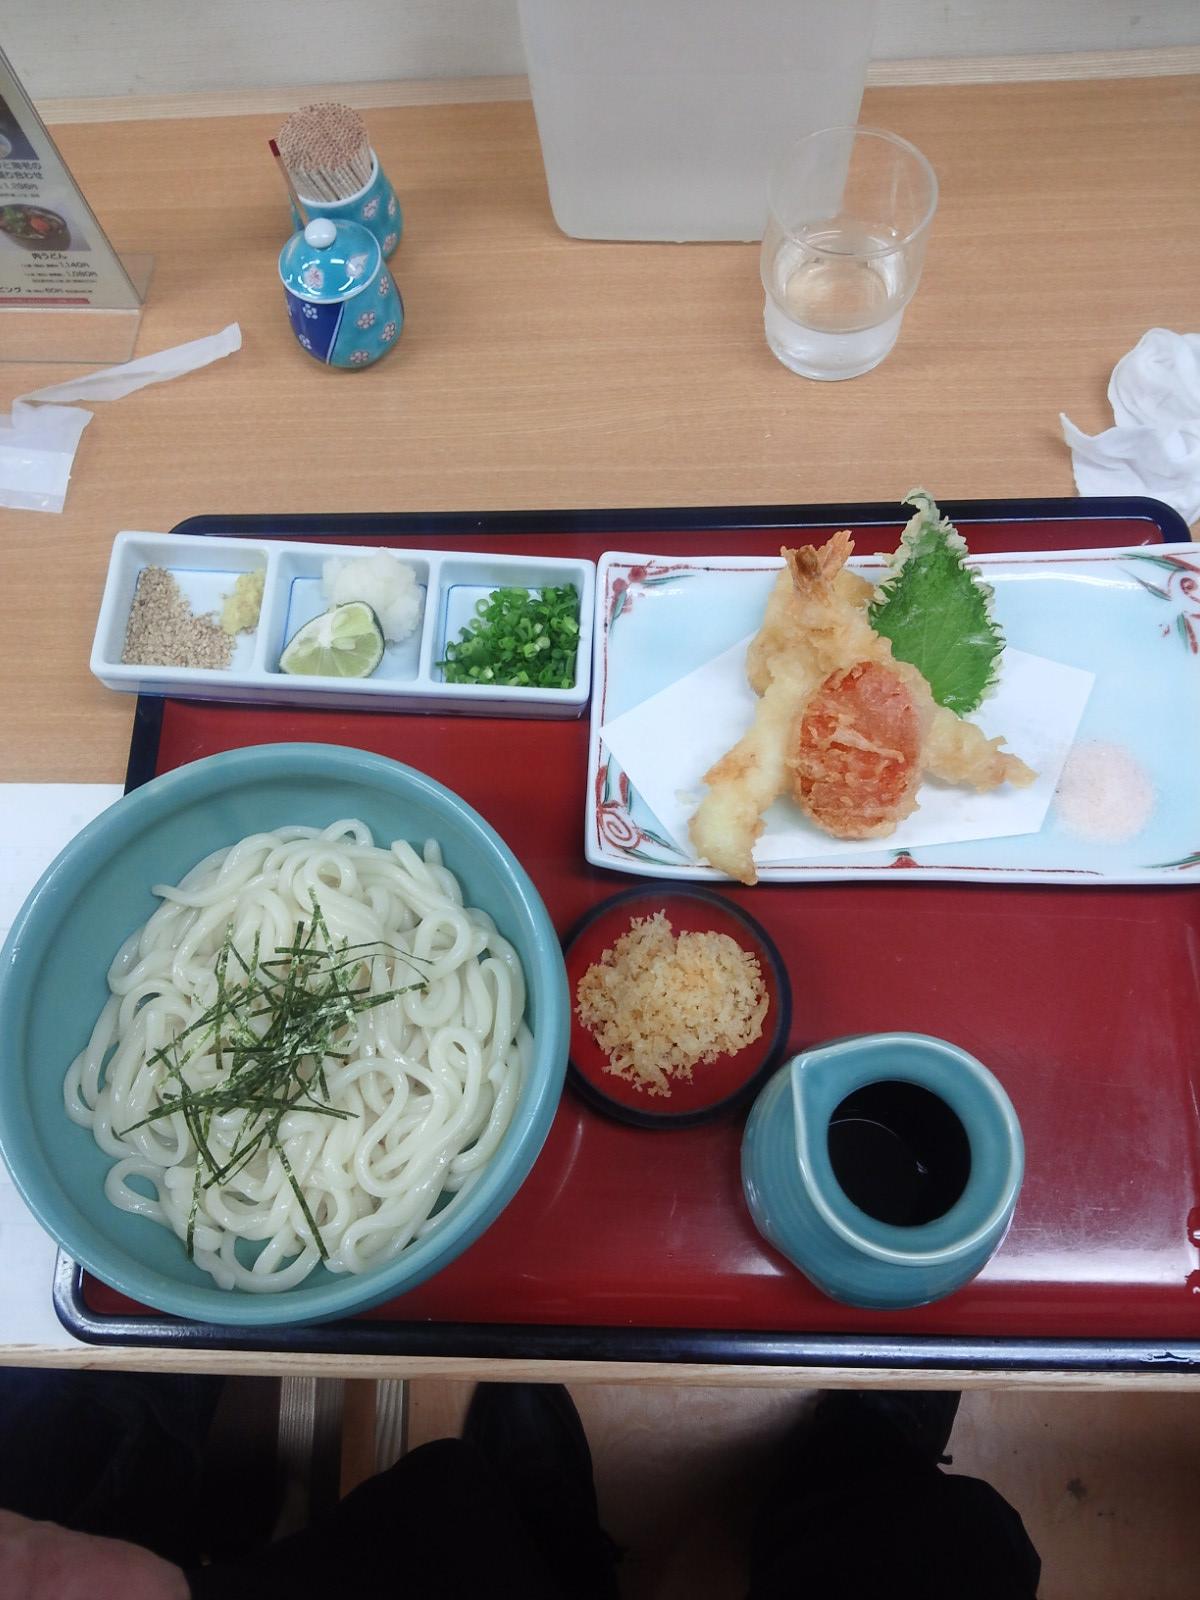 ざるぶっかけと海老の天ぷら盛り合わせ